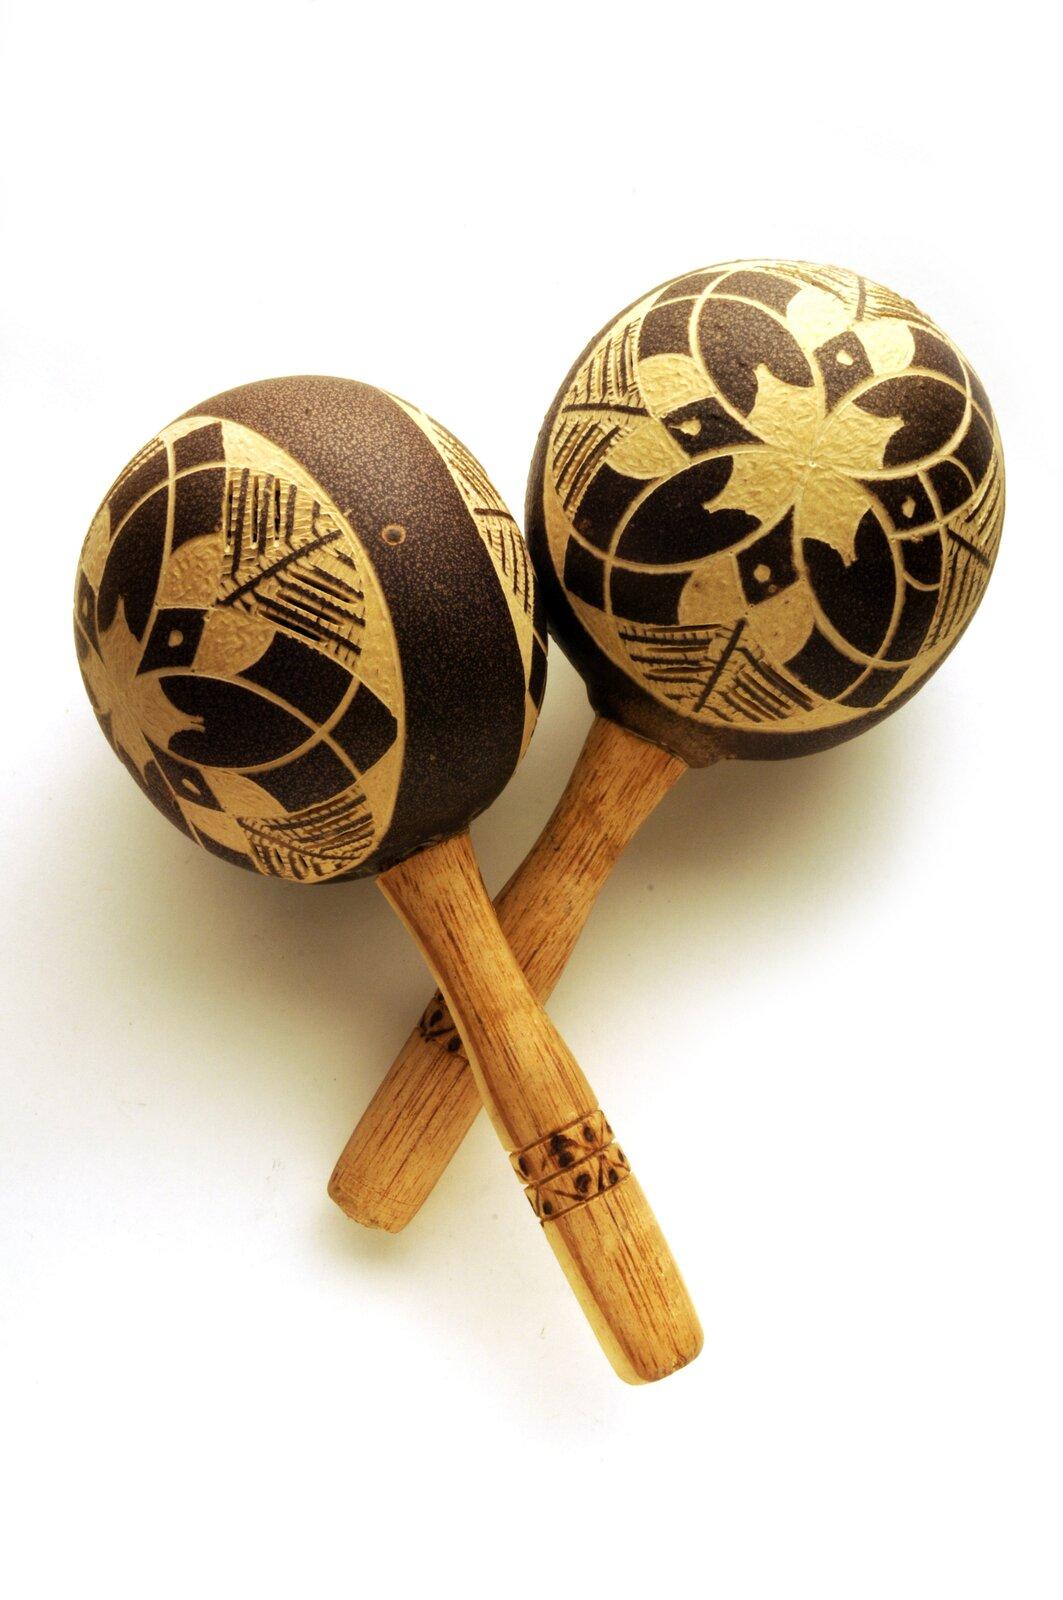 Ilustracja przedstawia instrument samobrzmiący – marakasy. Instrument ten składa się zkorpusu oraz trzonka. We wnętrzu znajdują się twarde kamyki bądź nasiona, które przy potrząsaniu instrumentem powodują wydobywanie się dźwięku.